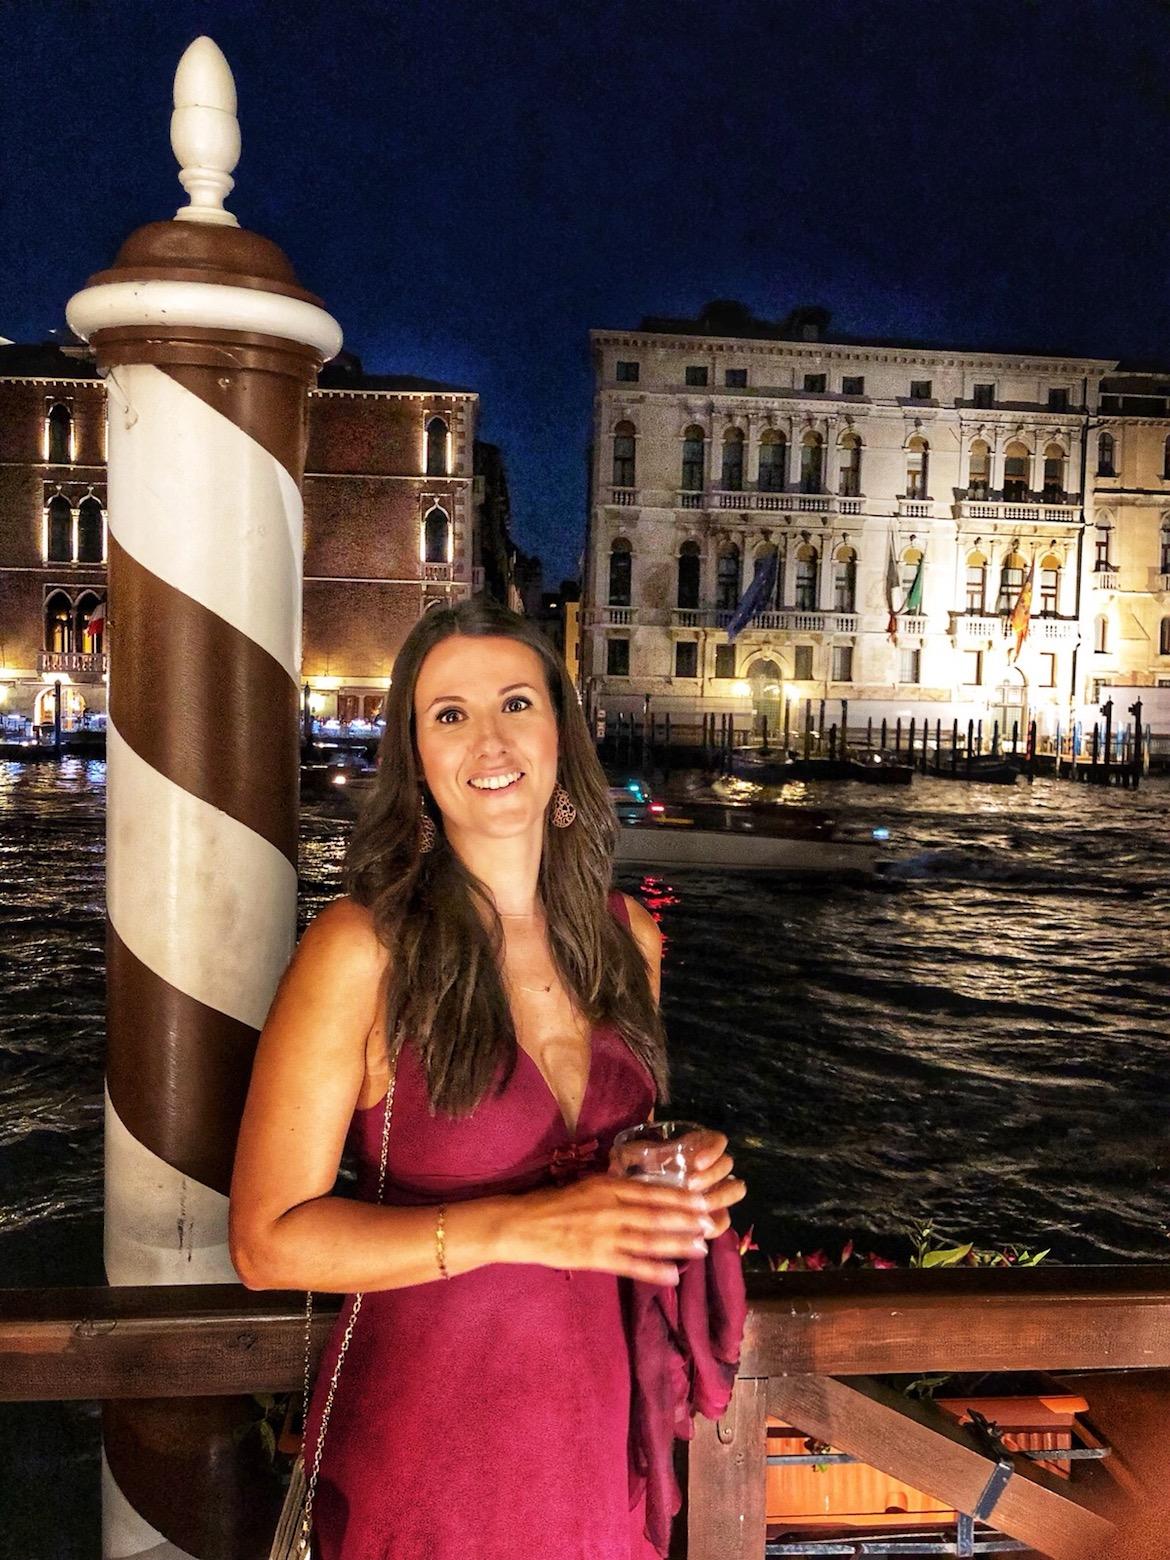 A venezia con diva e donna splendido party al sina for Diva e donne